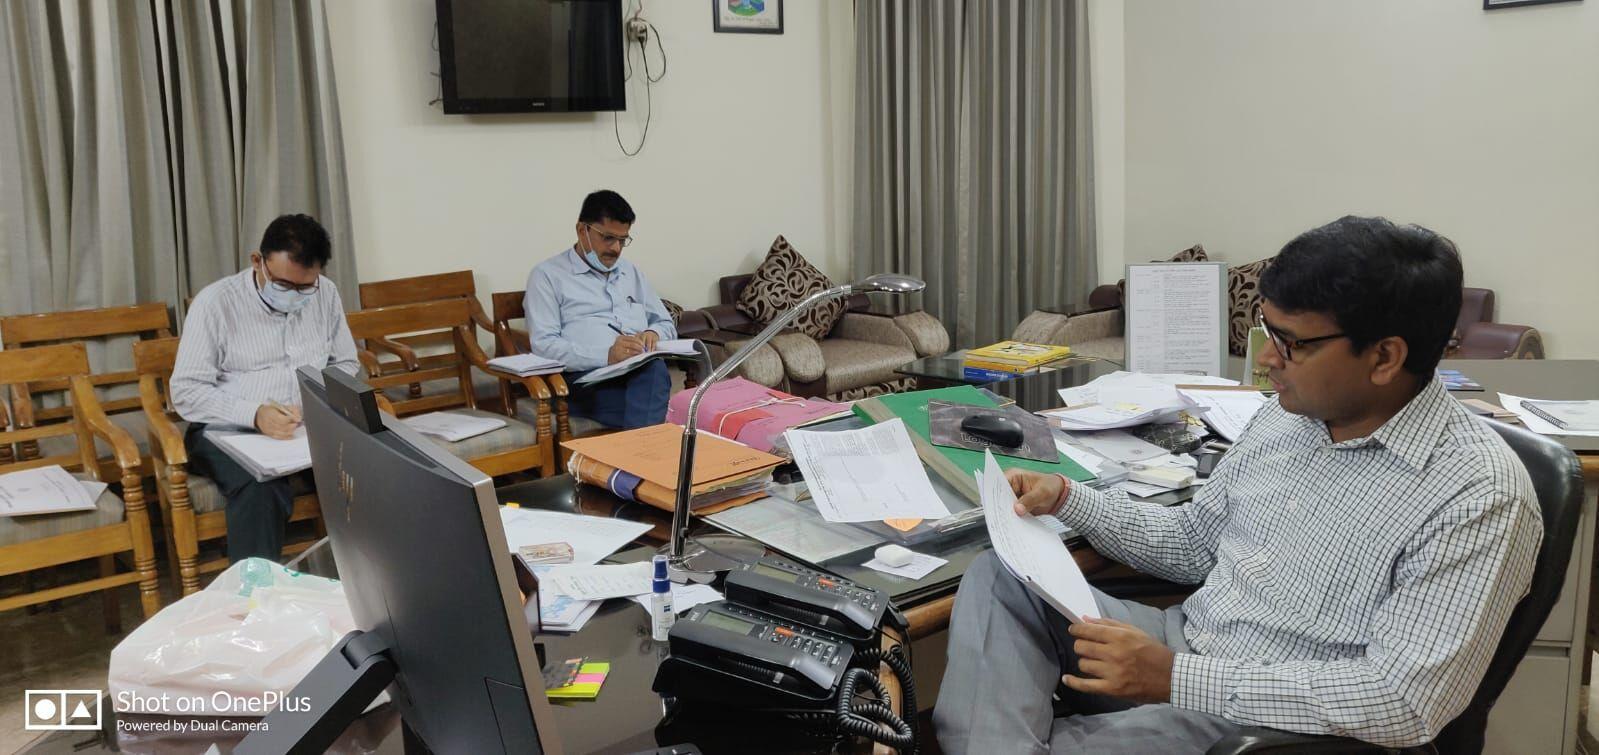 मेरठ में कोरोना की तीसरी लहर की तैयारियां तेज, 31 जुलाई से पहले ऑक्सीजन प्लांट शुरू करने की तैयारी